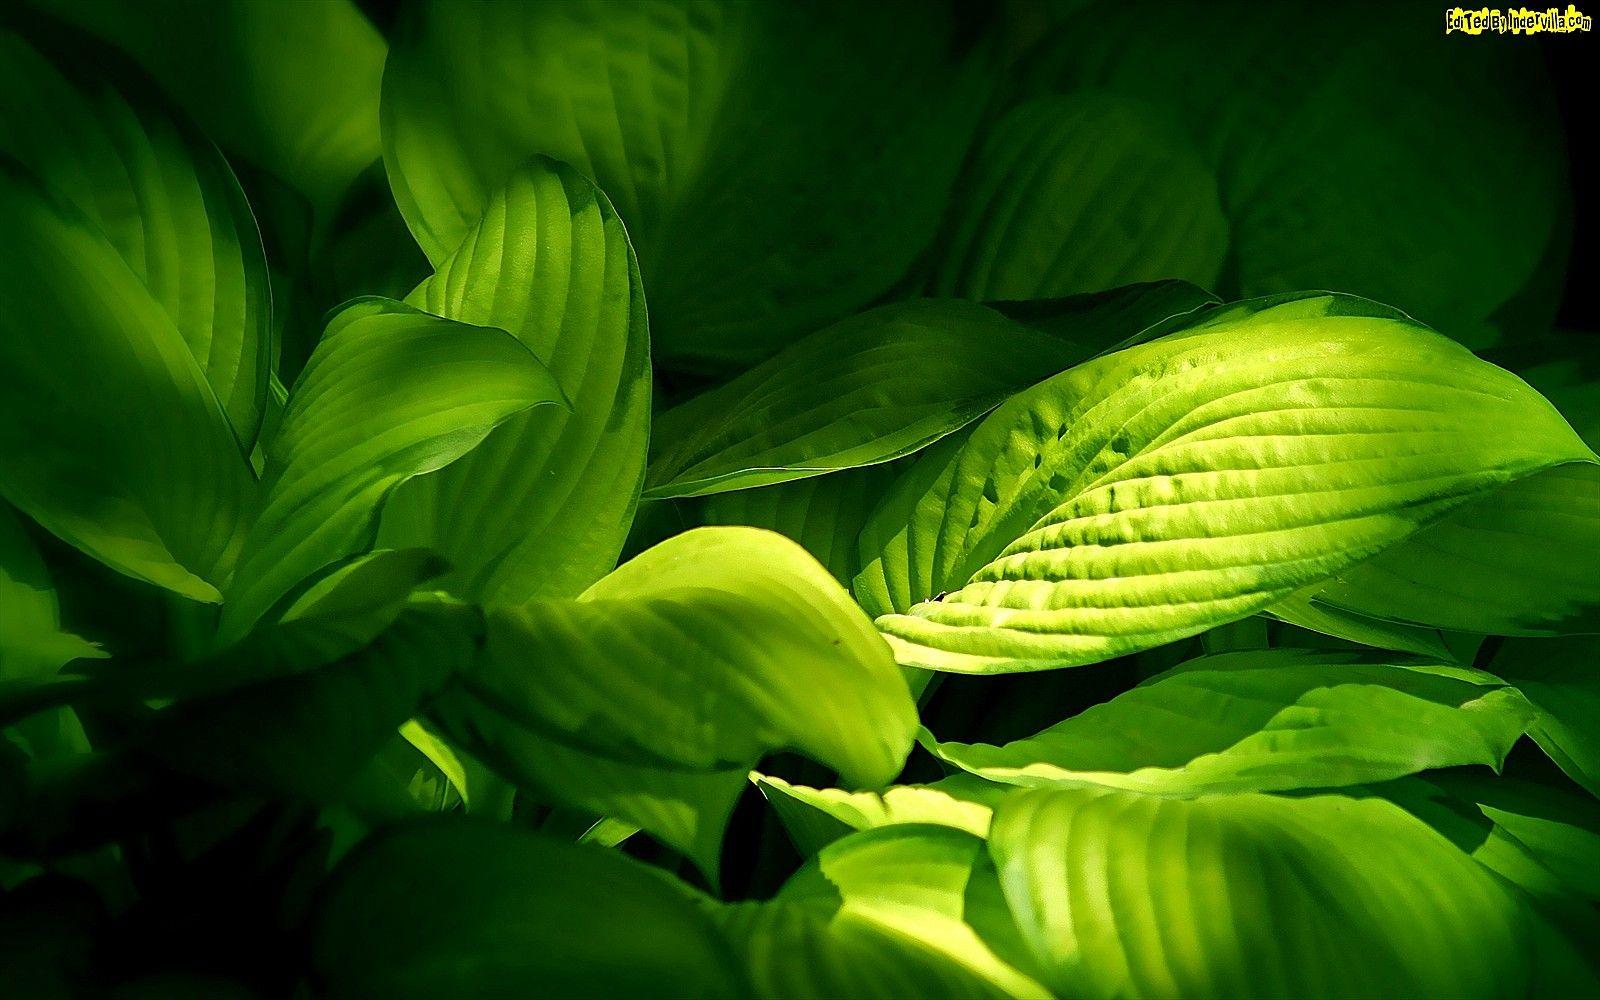 Hd wallpaper nature green - Leaves Green Hd Widescreen Wallpaper Nature